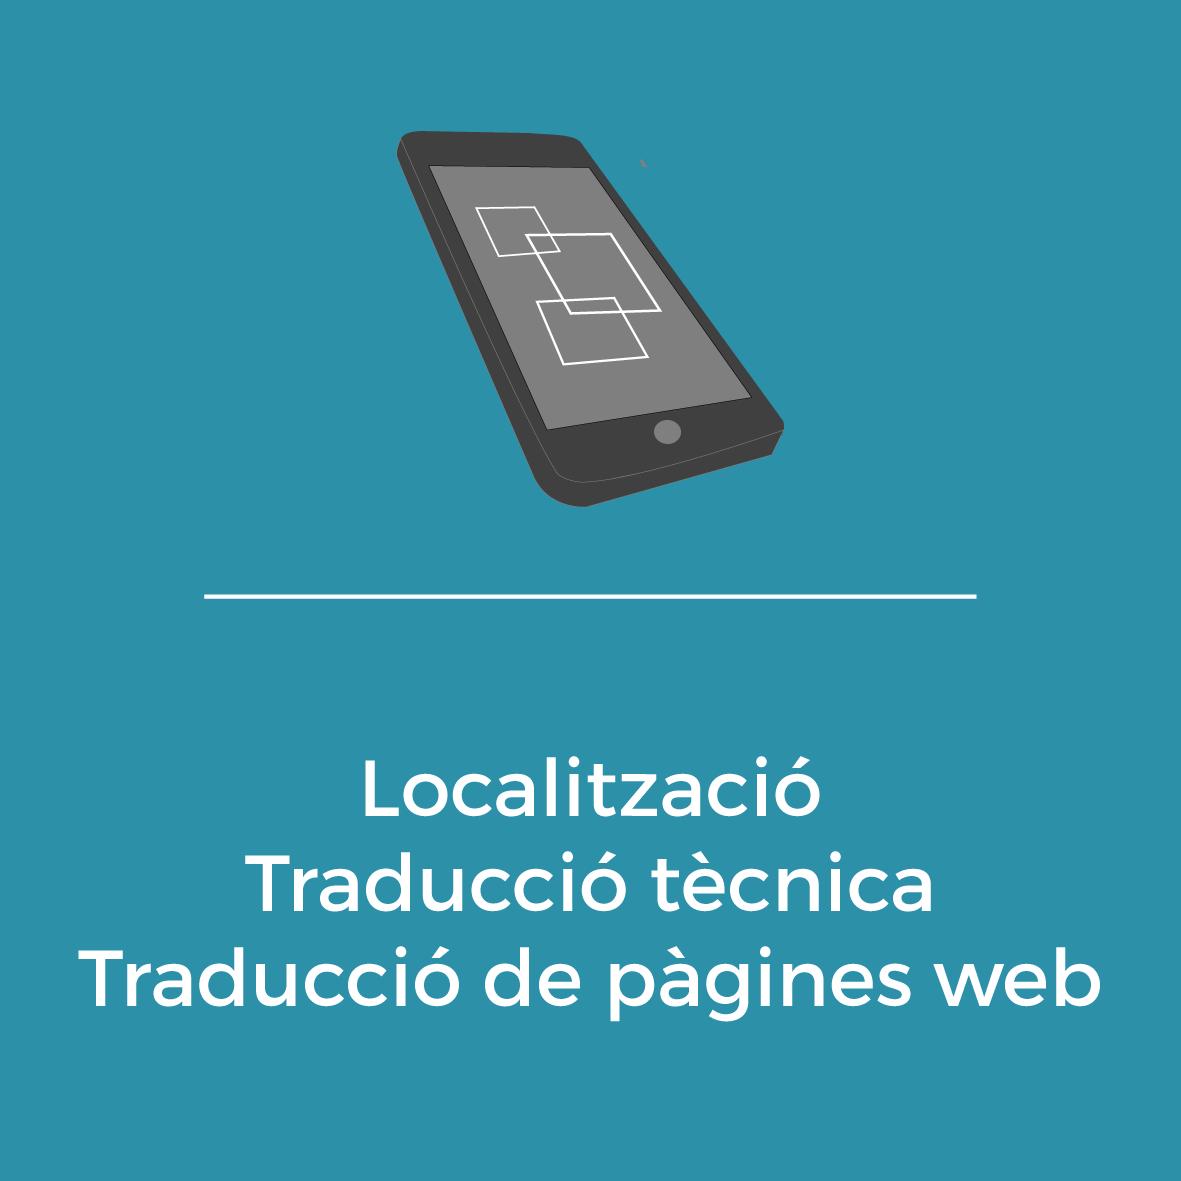 Serveis - Localització - Traducció tècnica - Traducció de pàgines web